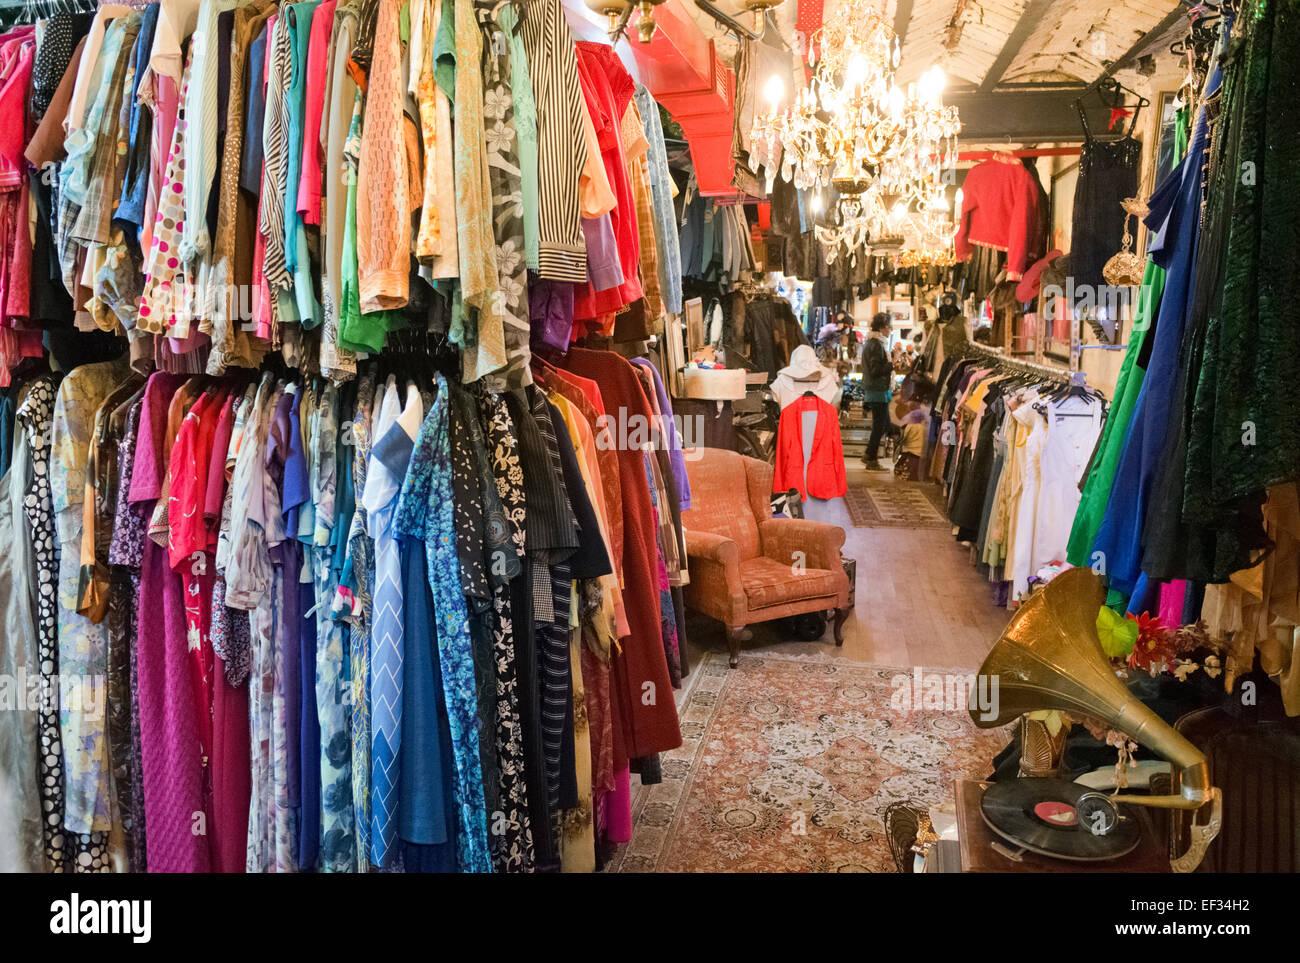 Loja de vestuário retro Imagens de Stock